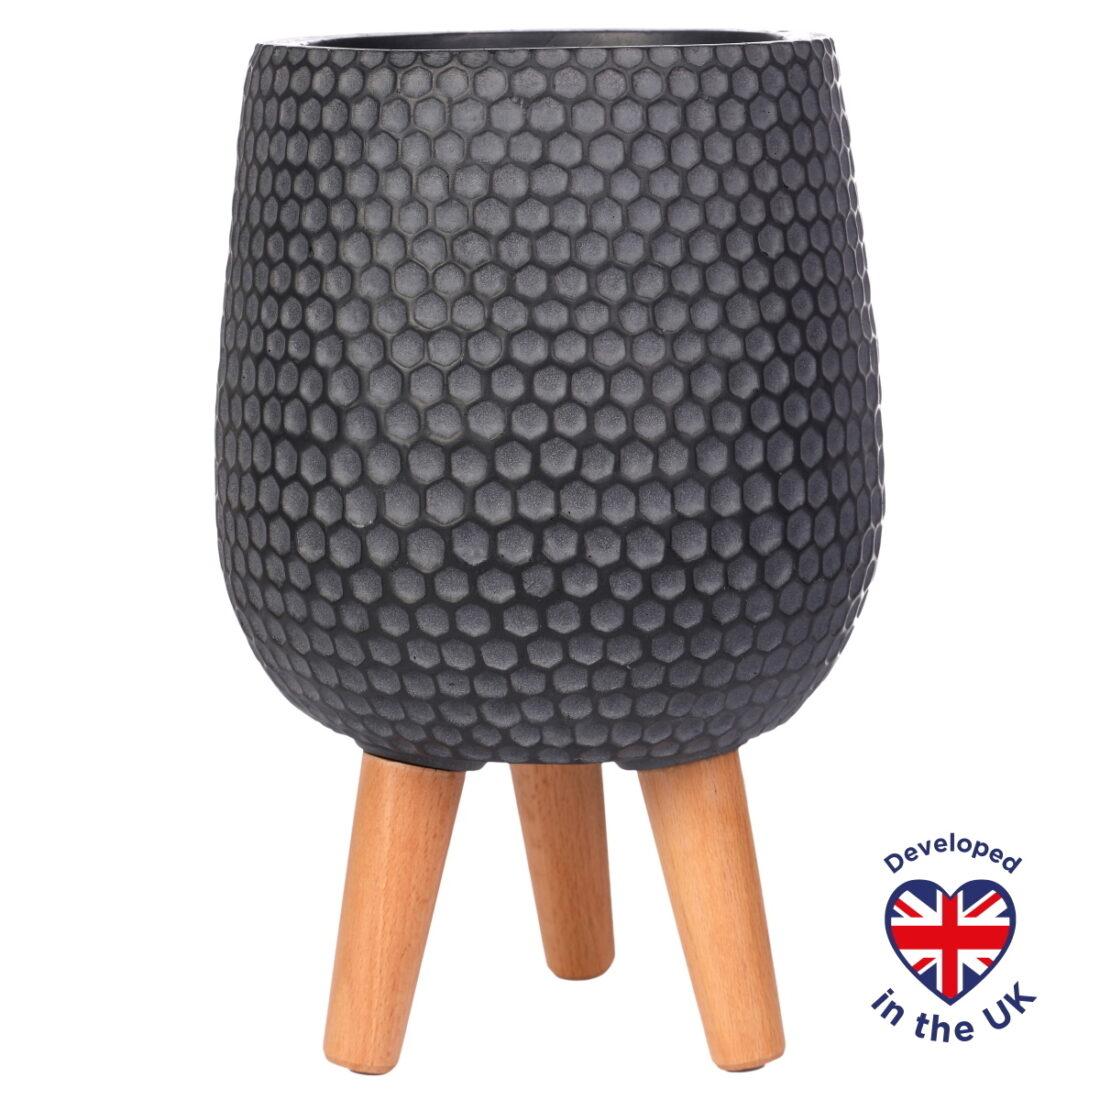 Напольное кашпо для цветов Idealist Lite Ханни, круглое, черное, Д22 В34 см, 6.9 л